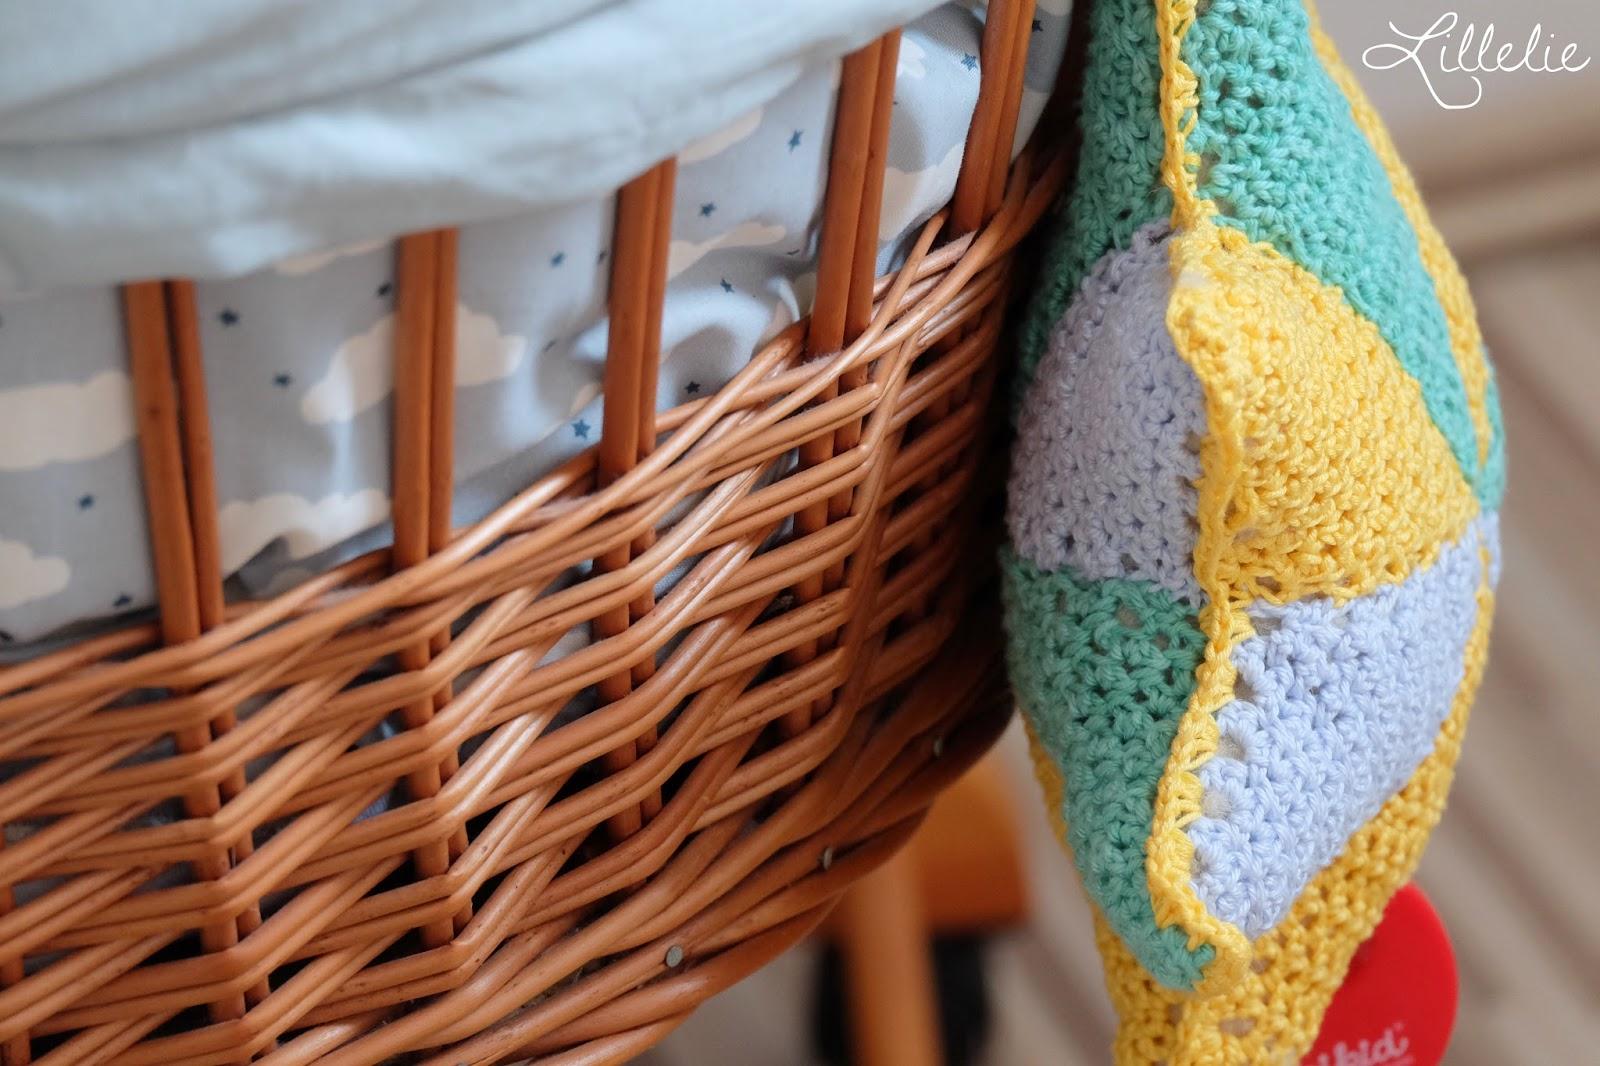 Lillelie kinderzimmer teil ein neues kleid für den stubenwagen